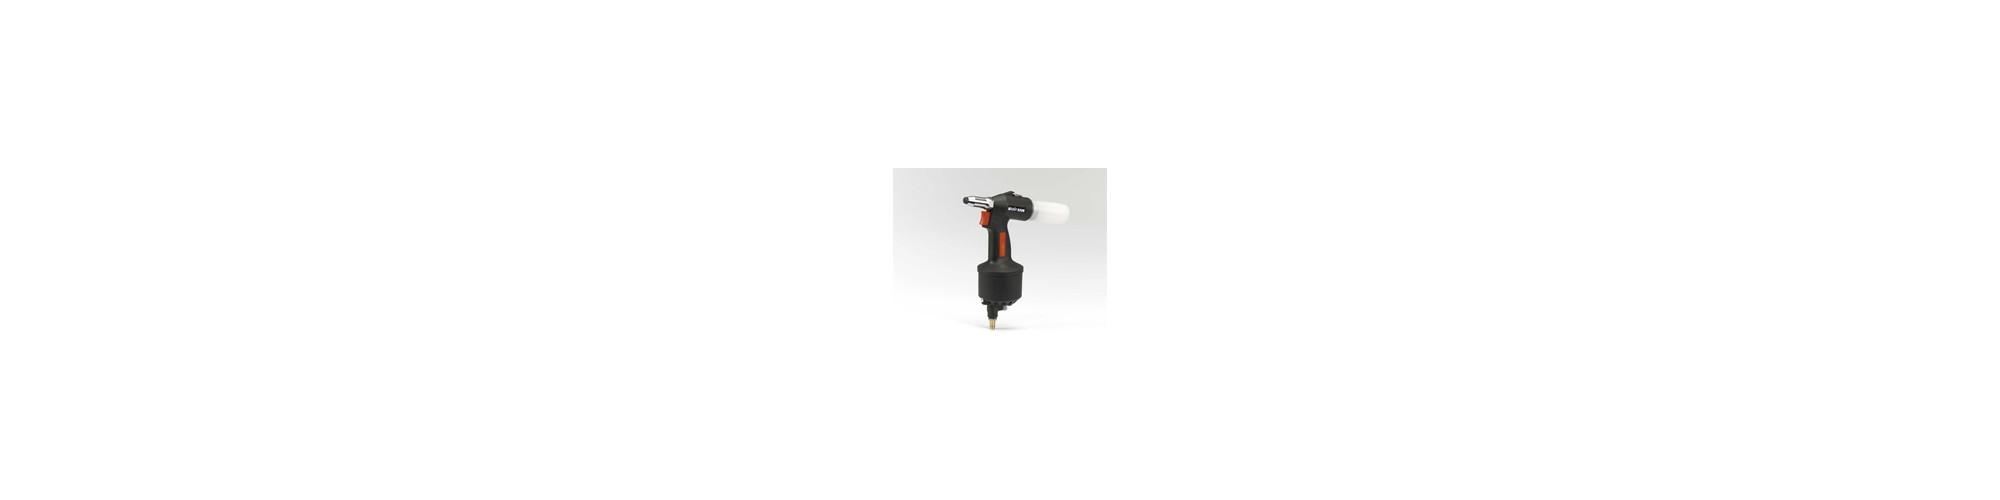 Клепальник пневматический Masterfix X GRIP R50H